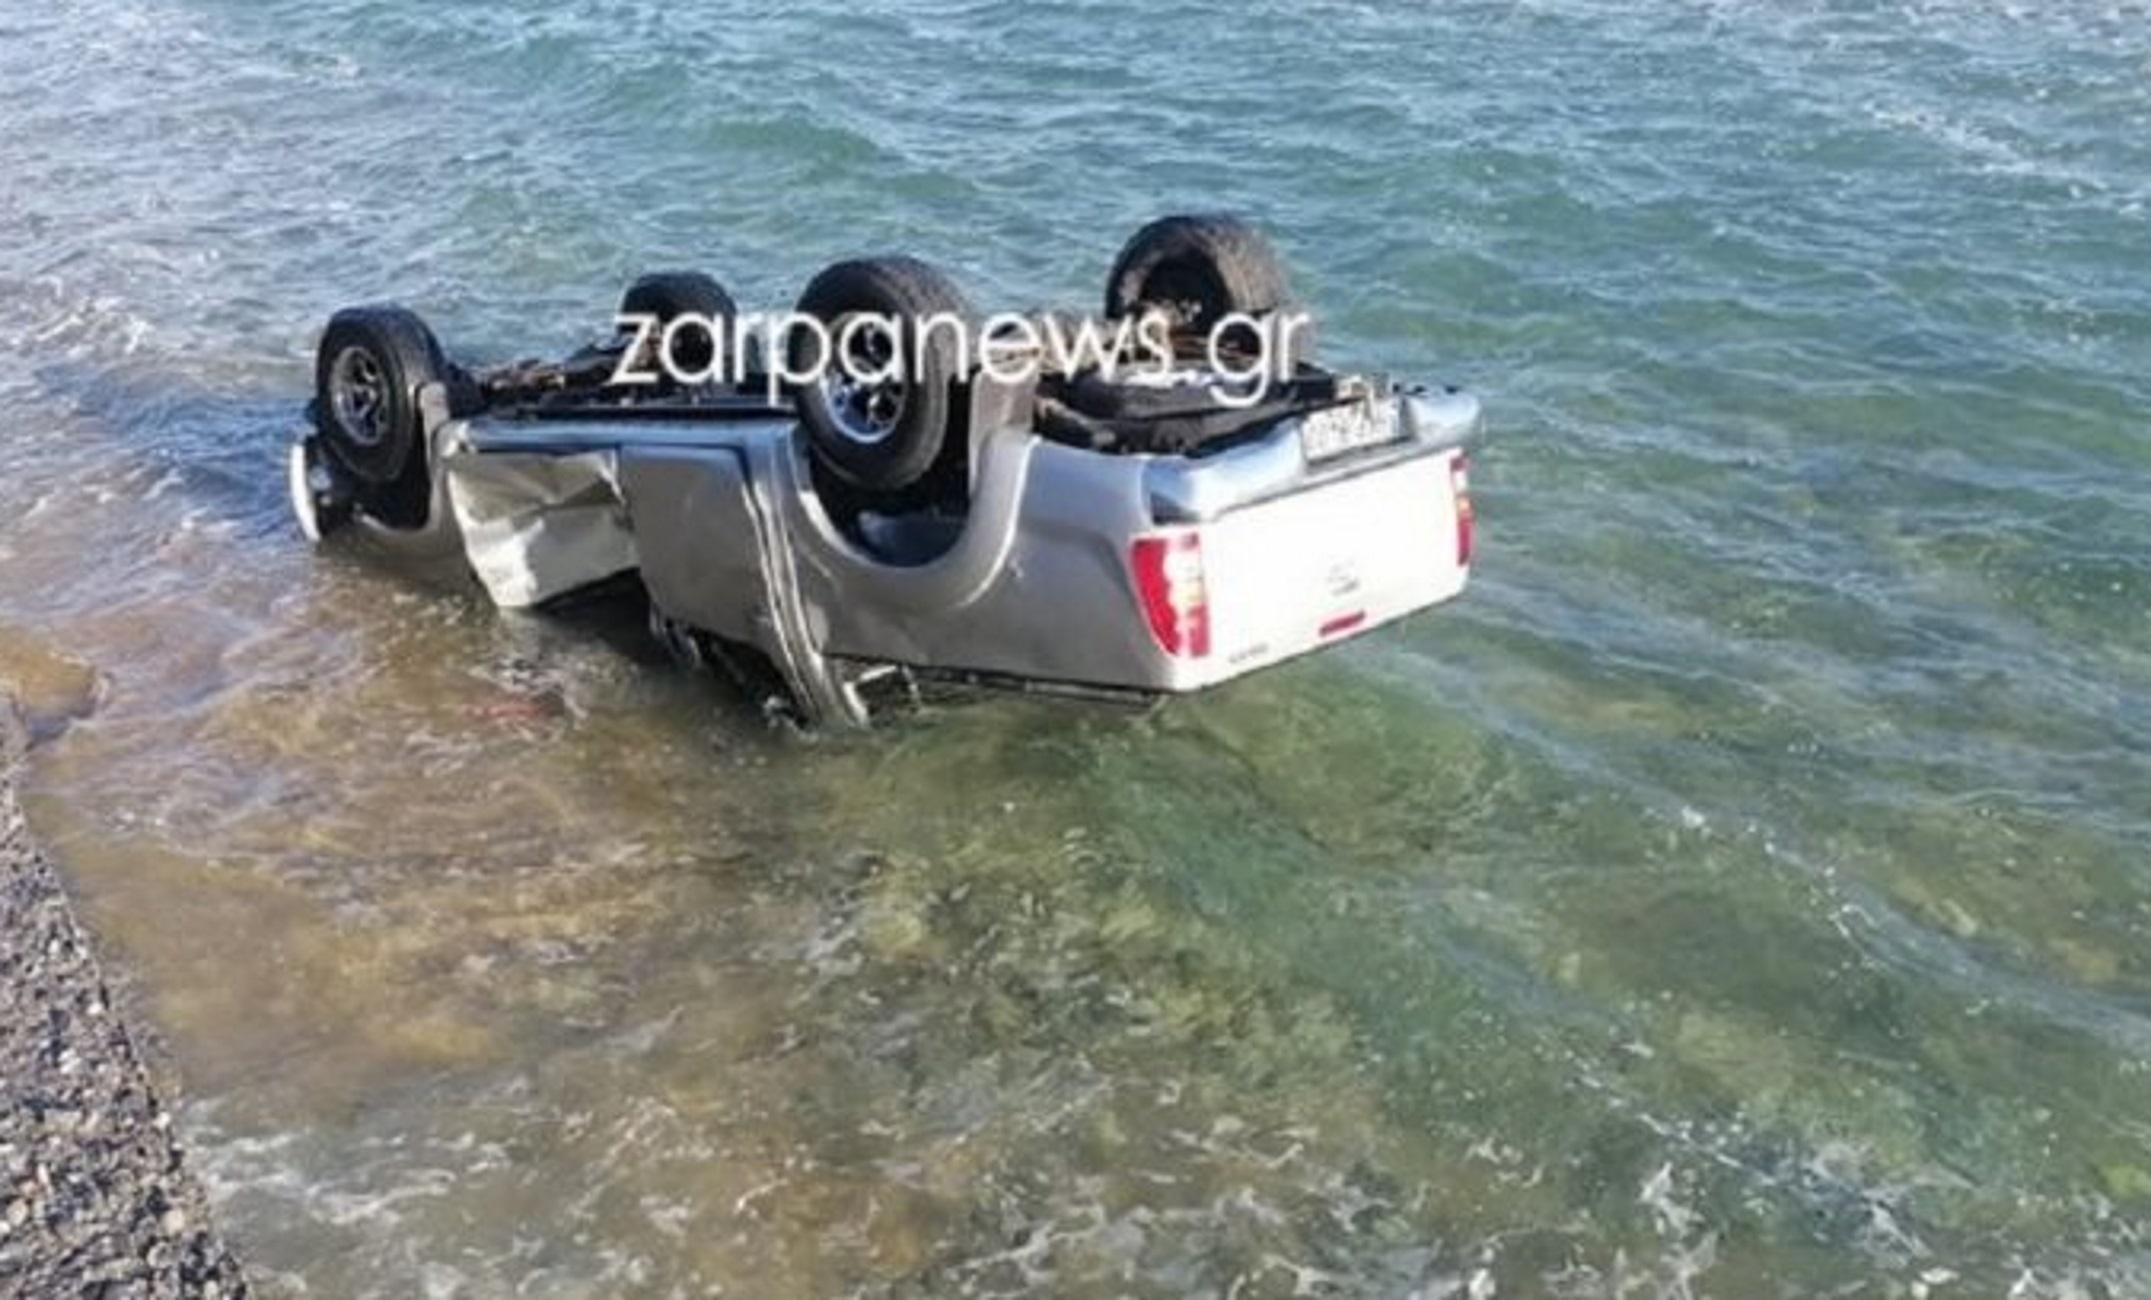 Χανιά: Έχασε τον έλεγχο και έπεσε με το αυτοκίνητο στη θάλασσα – Δείτε την αυτοψία στο σημείο